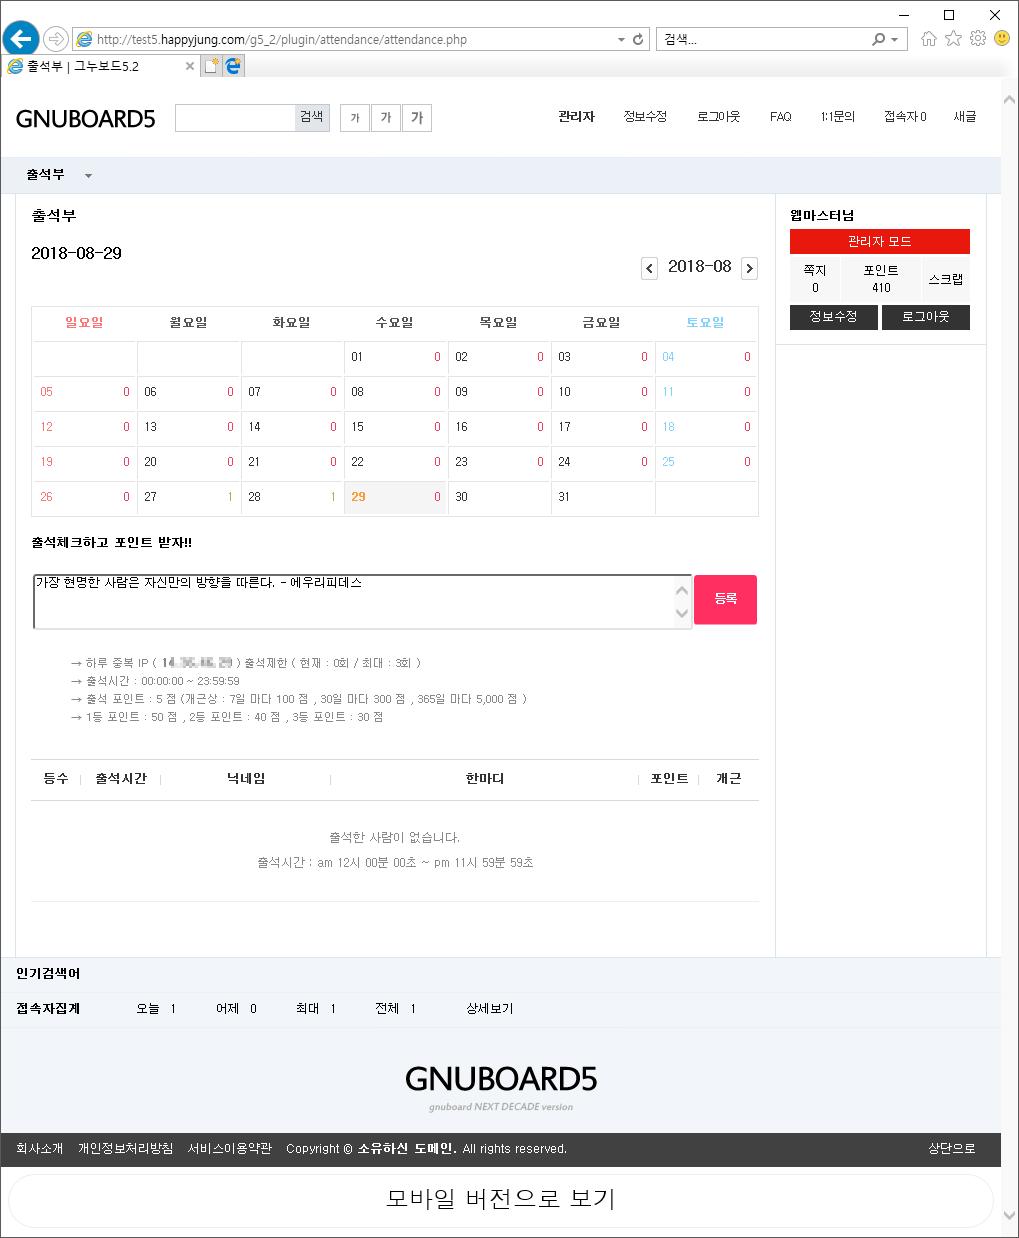 gnuboard5_attendance_5_2_20180829_2.png